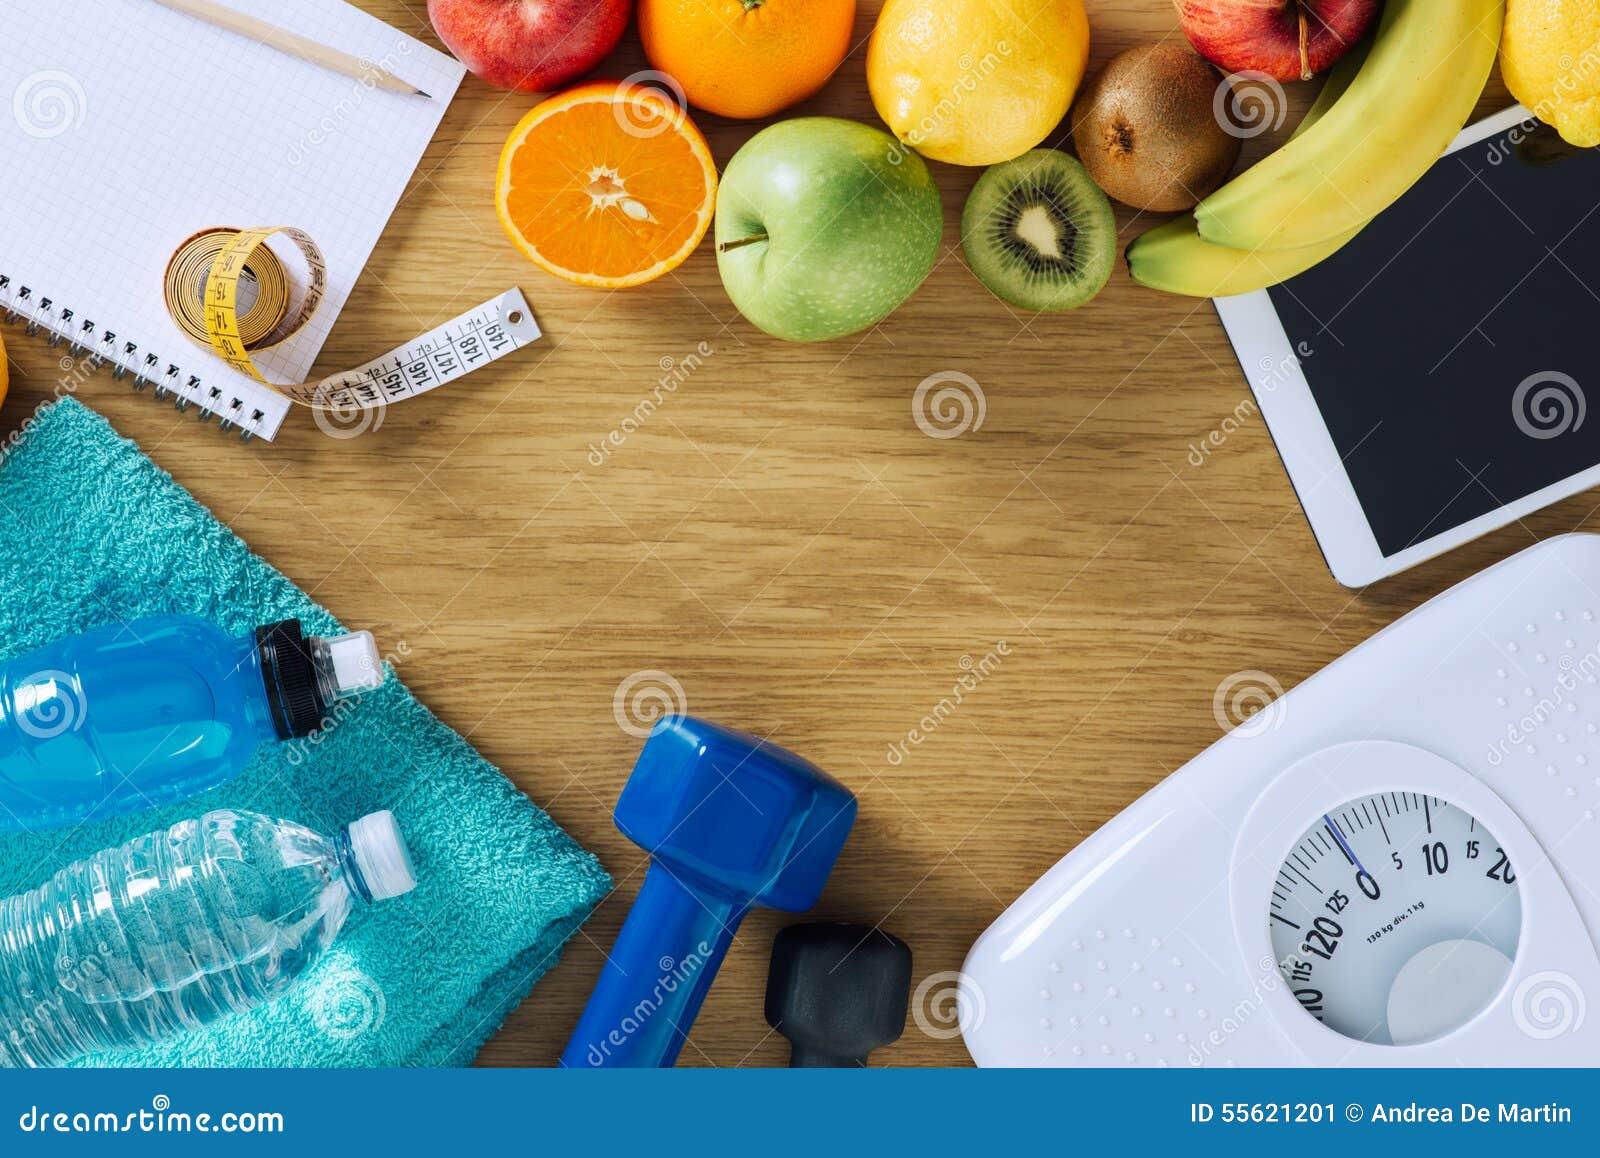 Forme physique et perte de poids